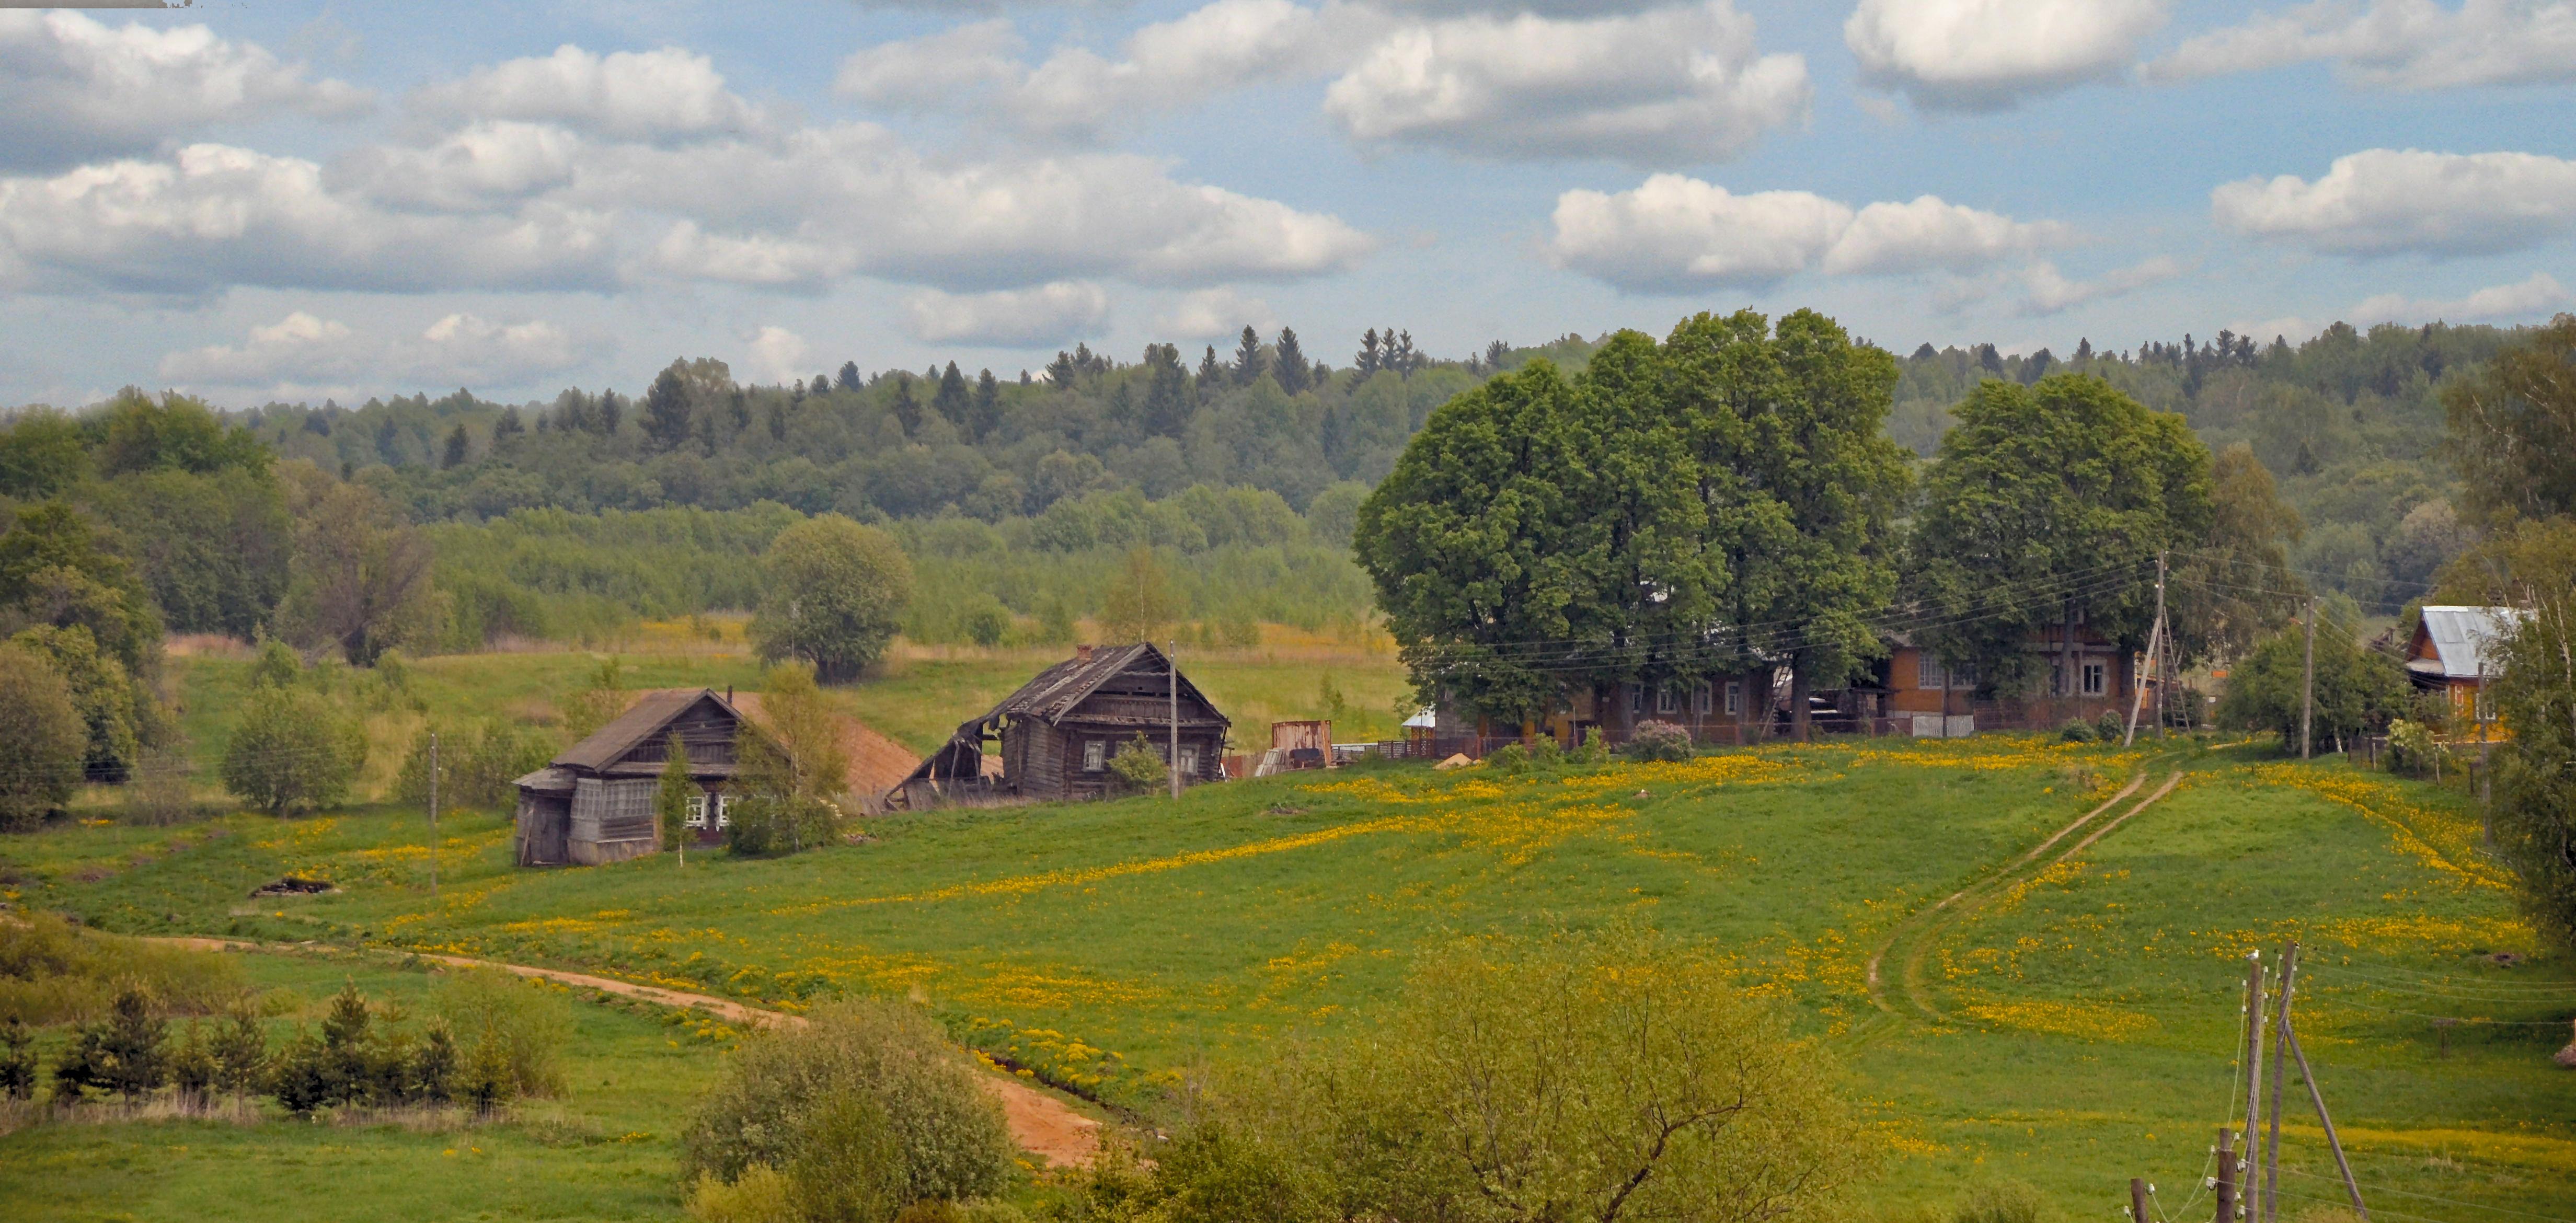 http://www.sergiev.ru/media/images/2697/20120520_6a.jpg